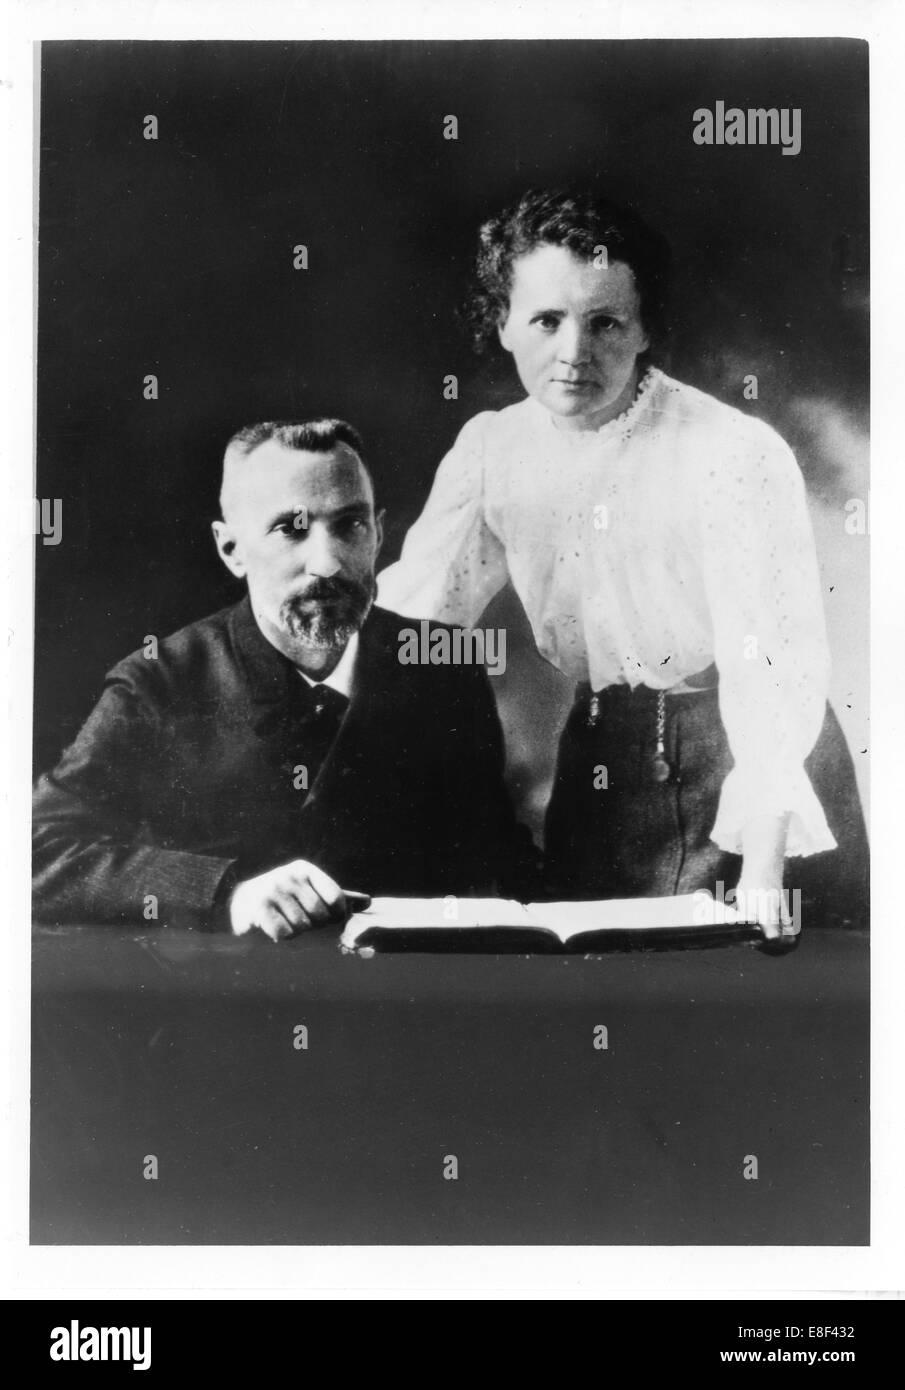 Pierre Curie (1859-1906) und Marie Sklodowska-Curie (1867-1934) Künstler: anonym Stockfoto